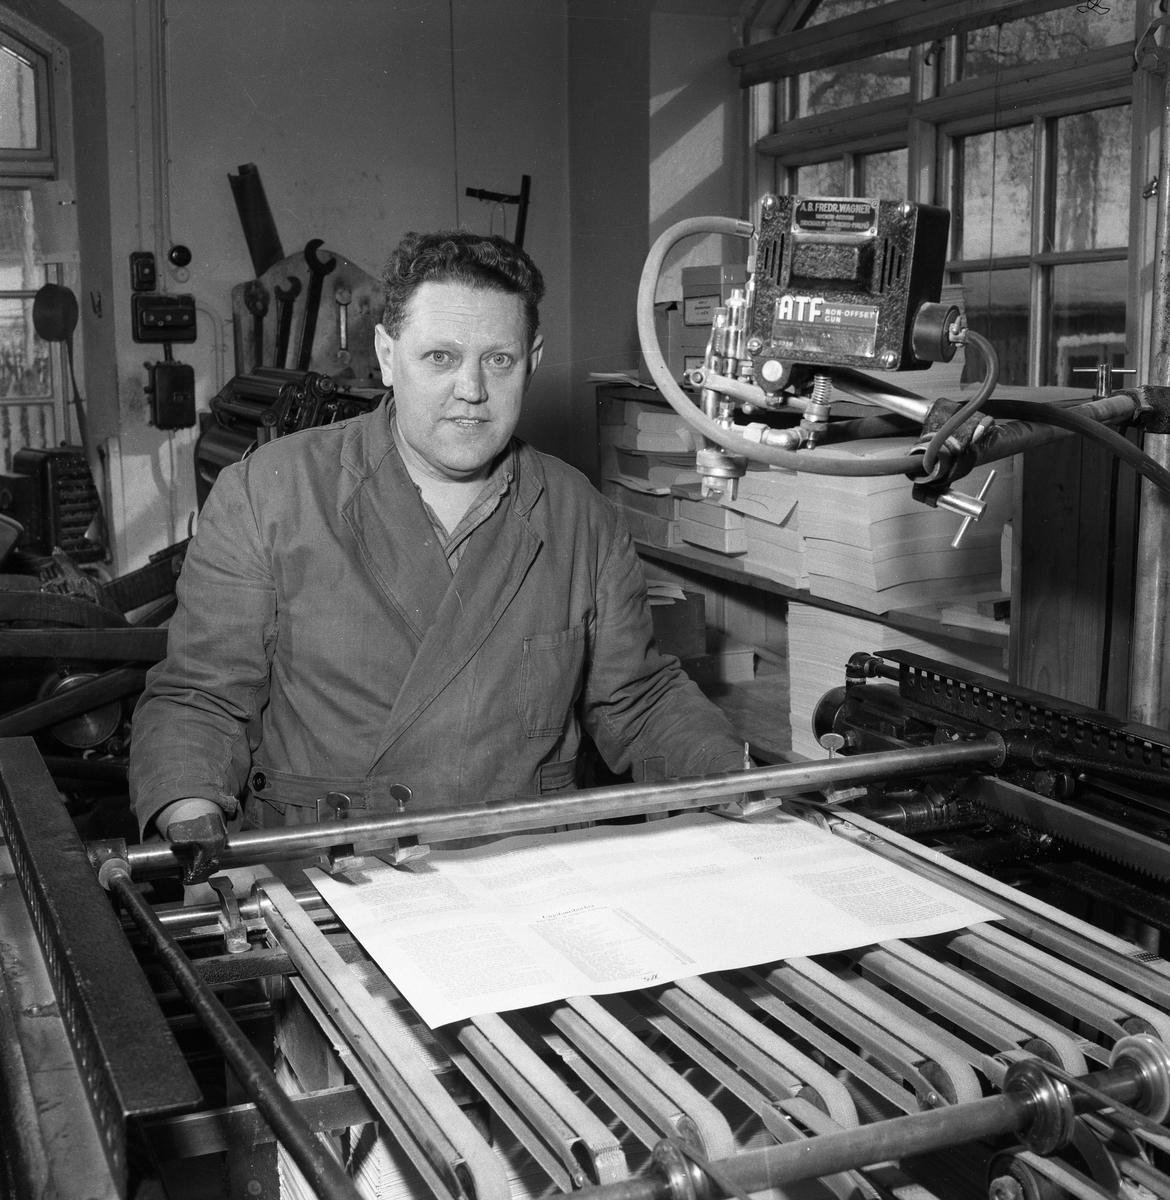 Arboga Tidning, interiör, personal. Nils Munther, iklädd arbetsrock, står vid en maskin.